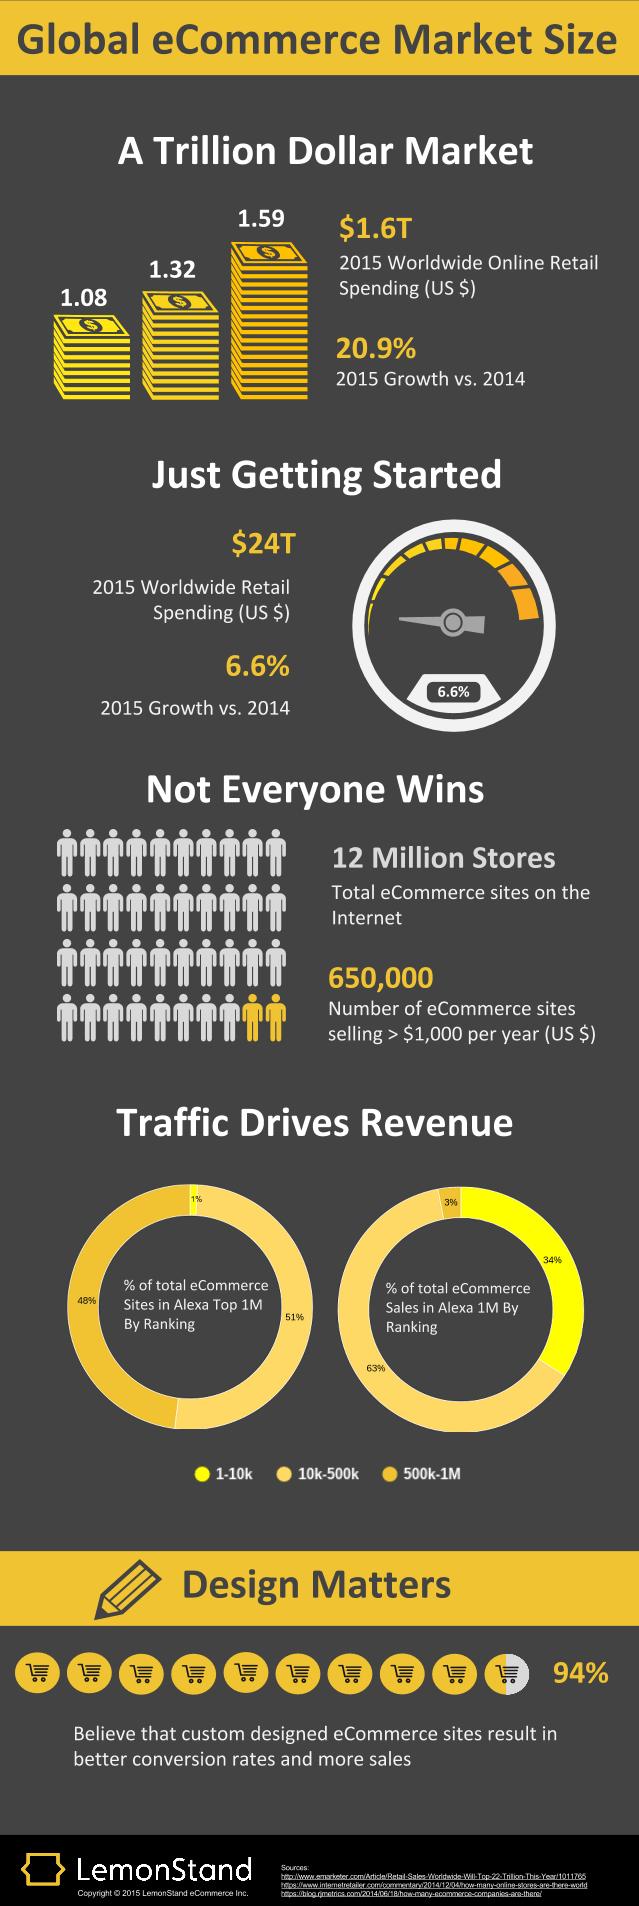 eCommerce-Market-Size-Infographic